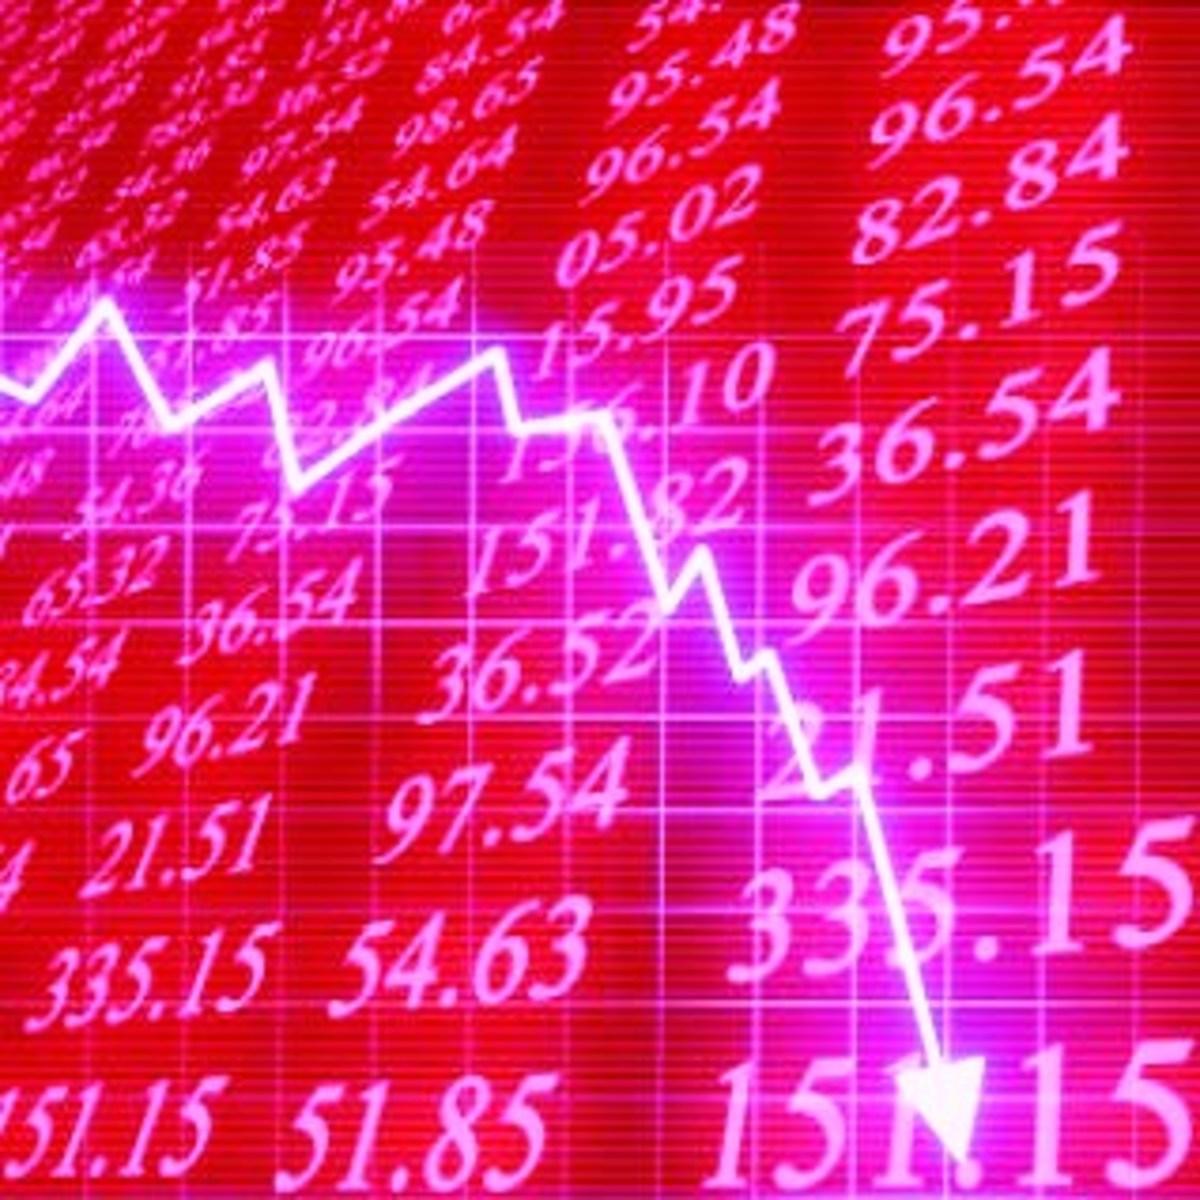 Στις 1294,7 μονάδες τα spreads – Πτώση -0,39 στο Χρηματιστήριο   Newsit.gr